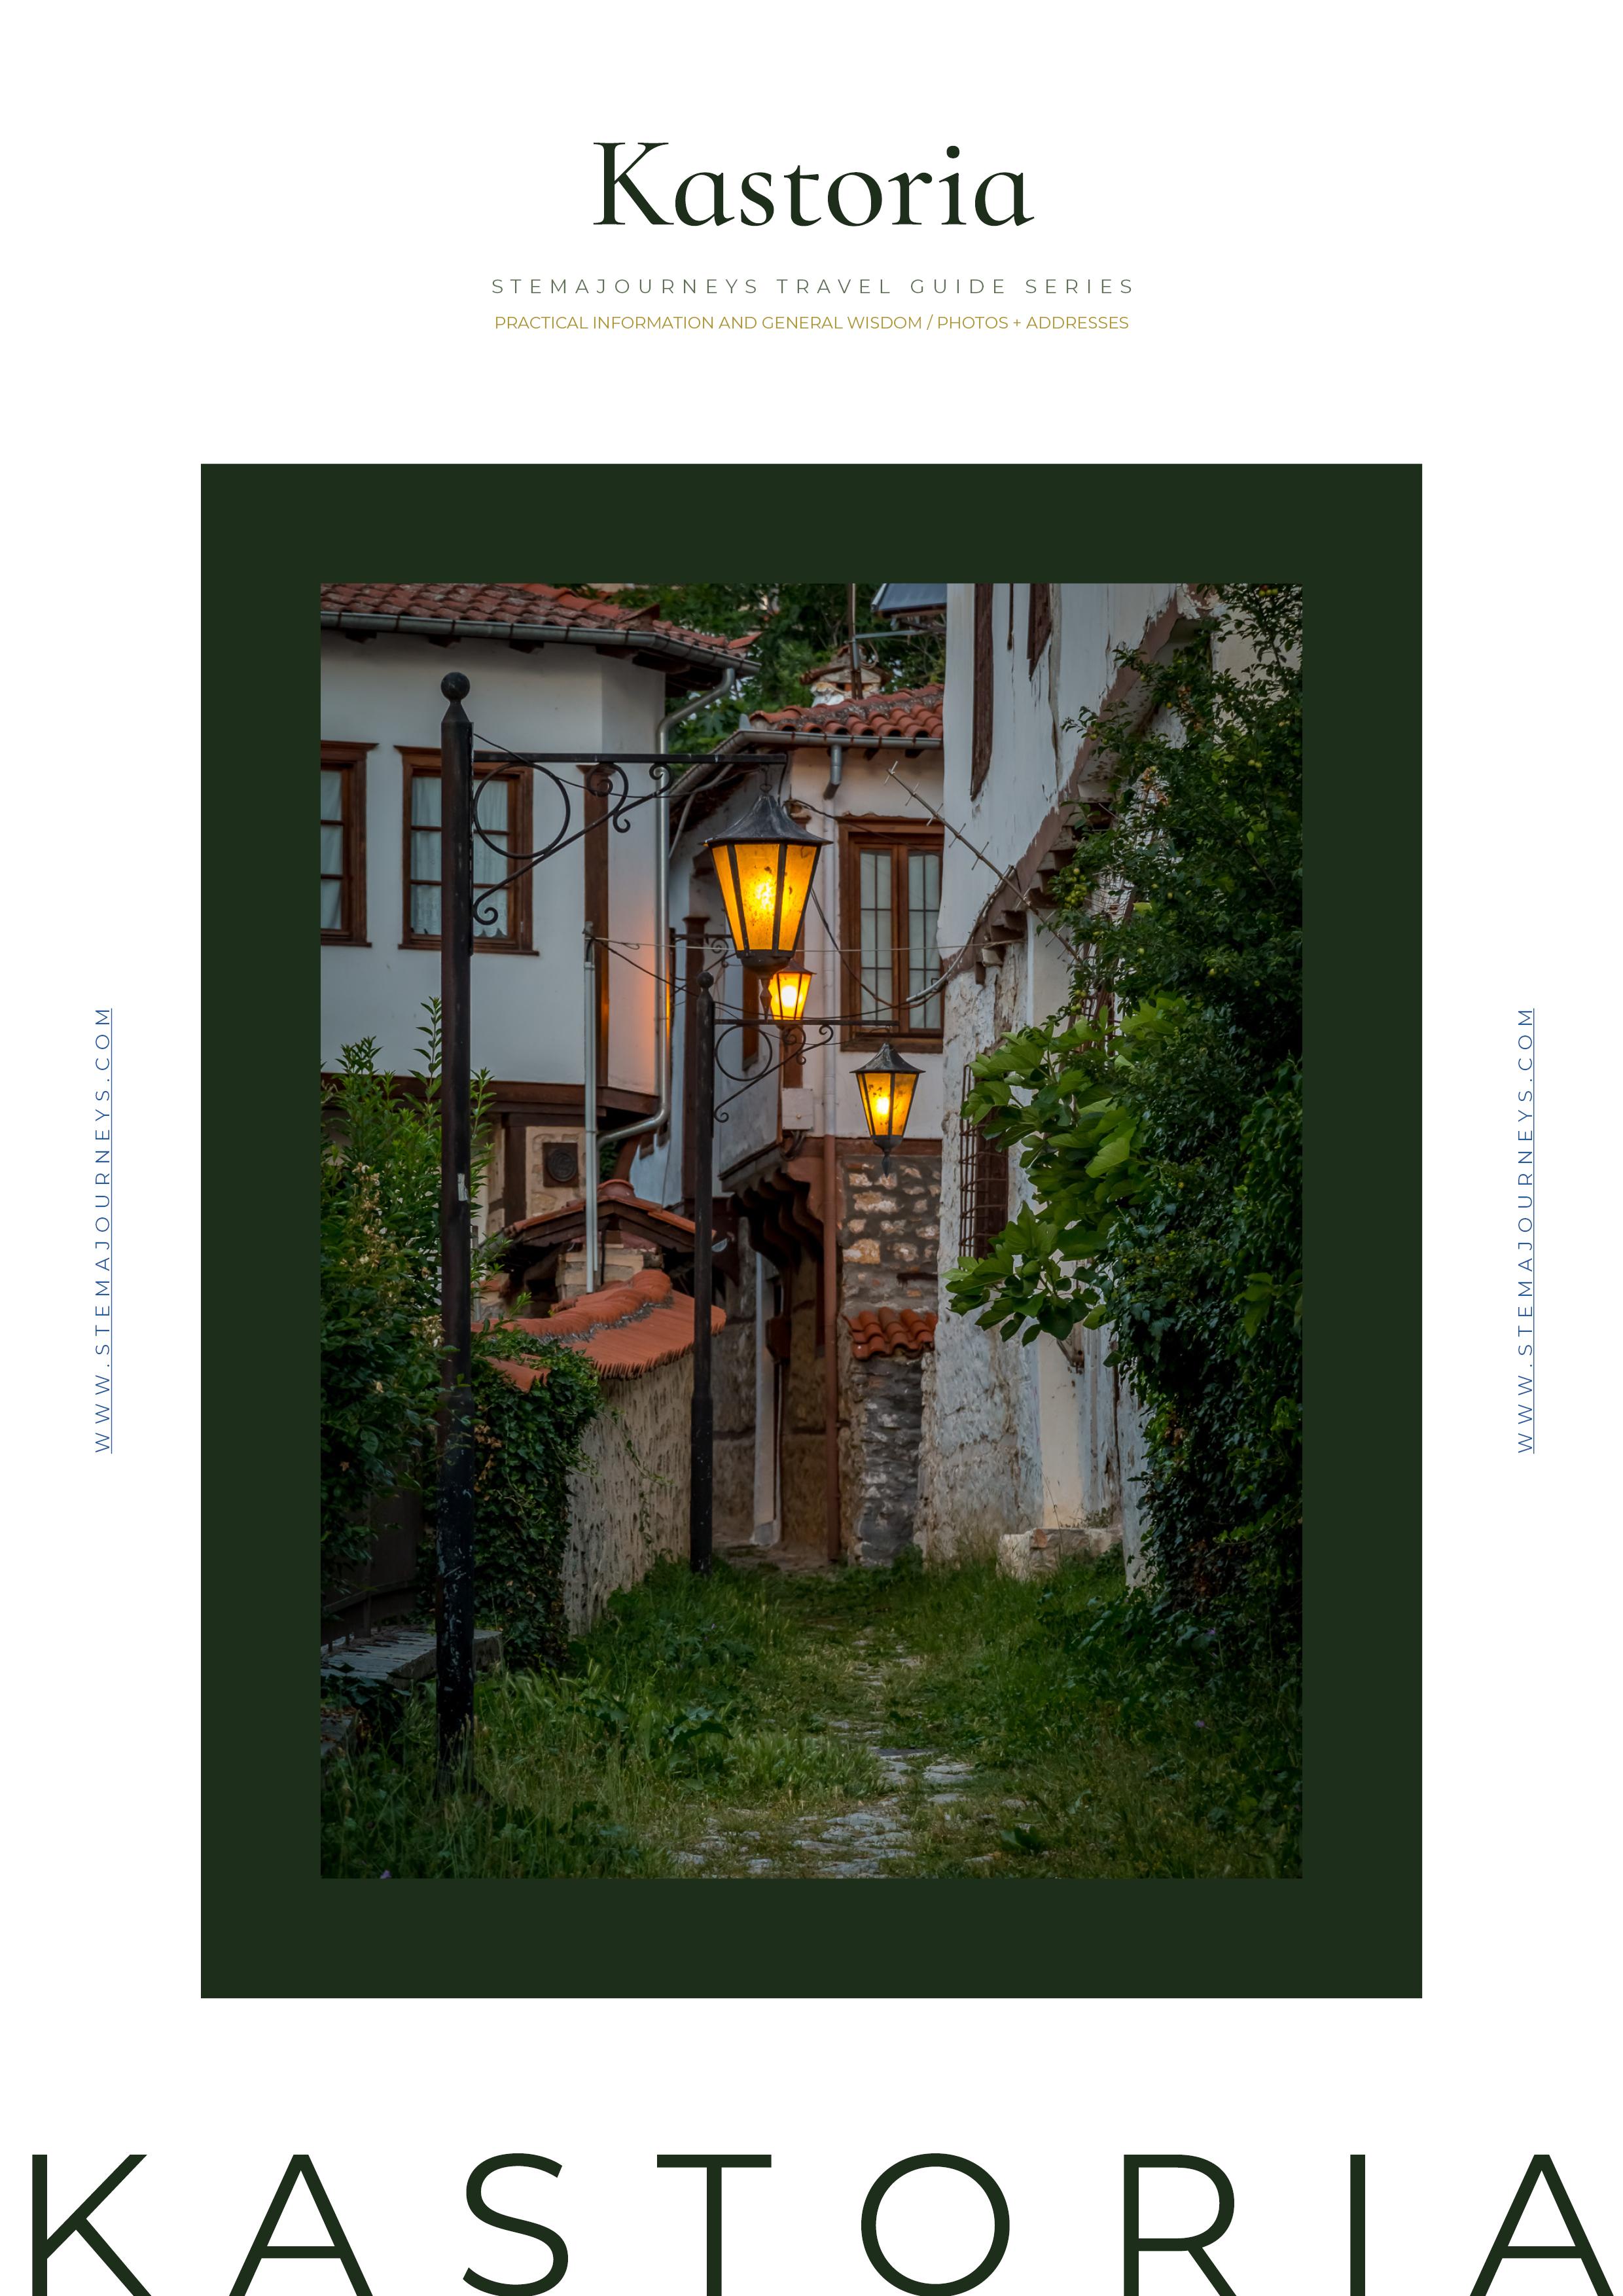 Kastoria guide.jpg